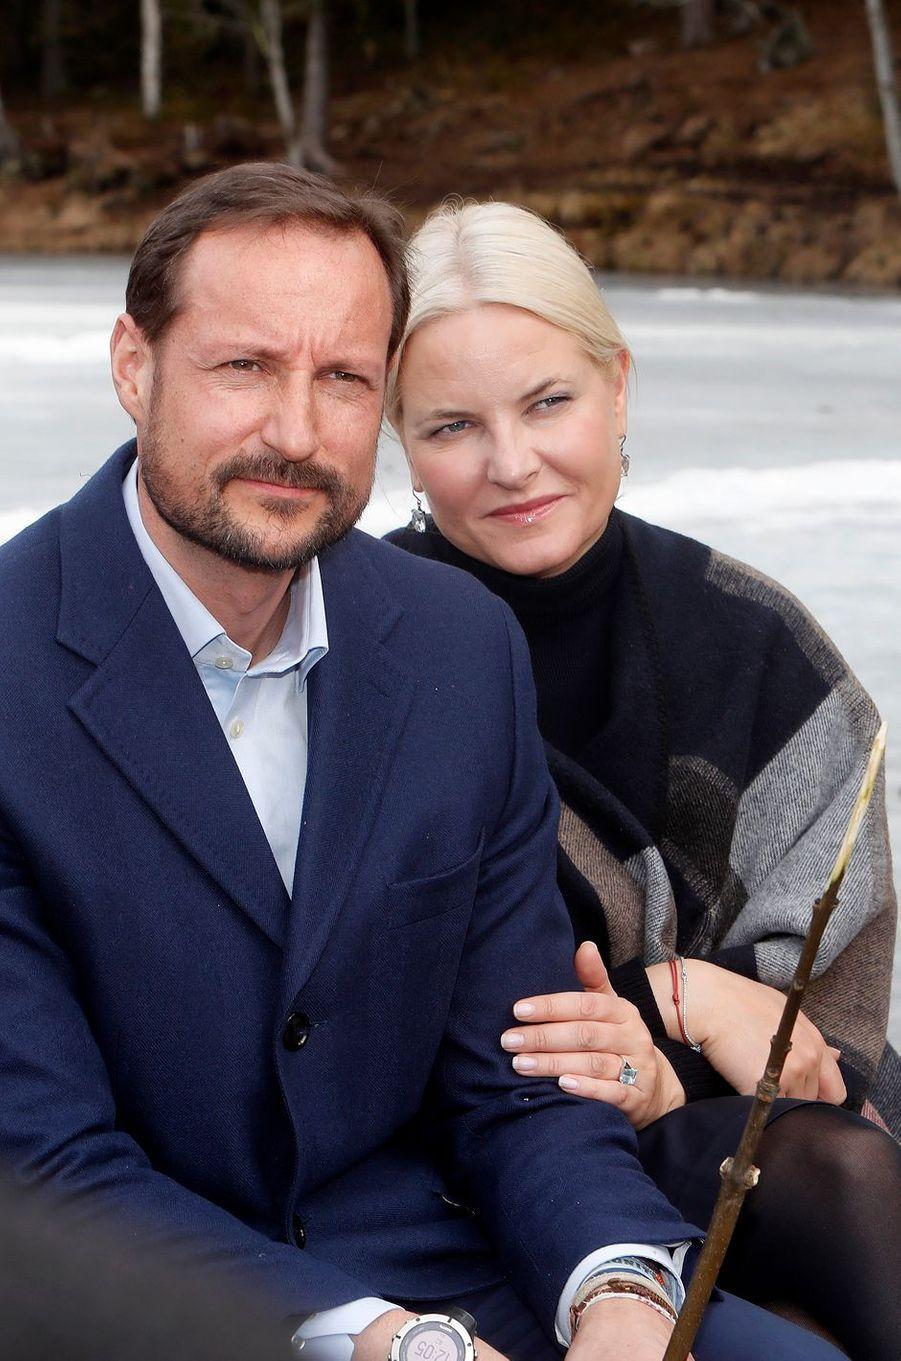 La princesse Mette-Marit et le prince Haakon de Norvège à Oslo, le 27 mars 2017